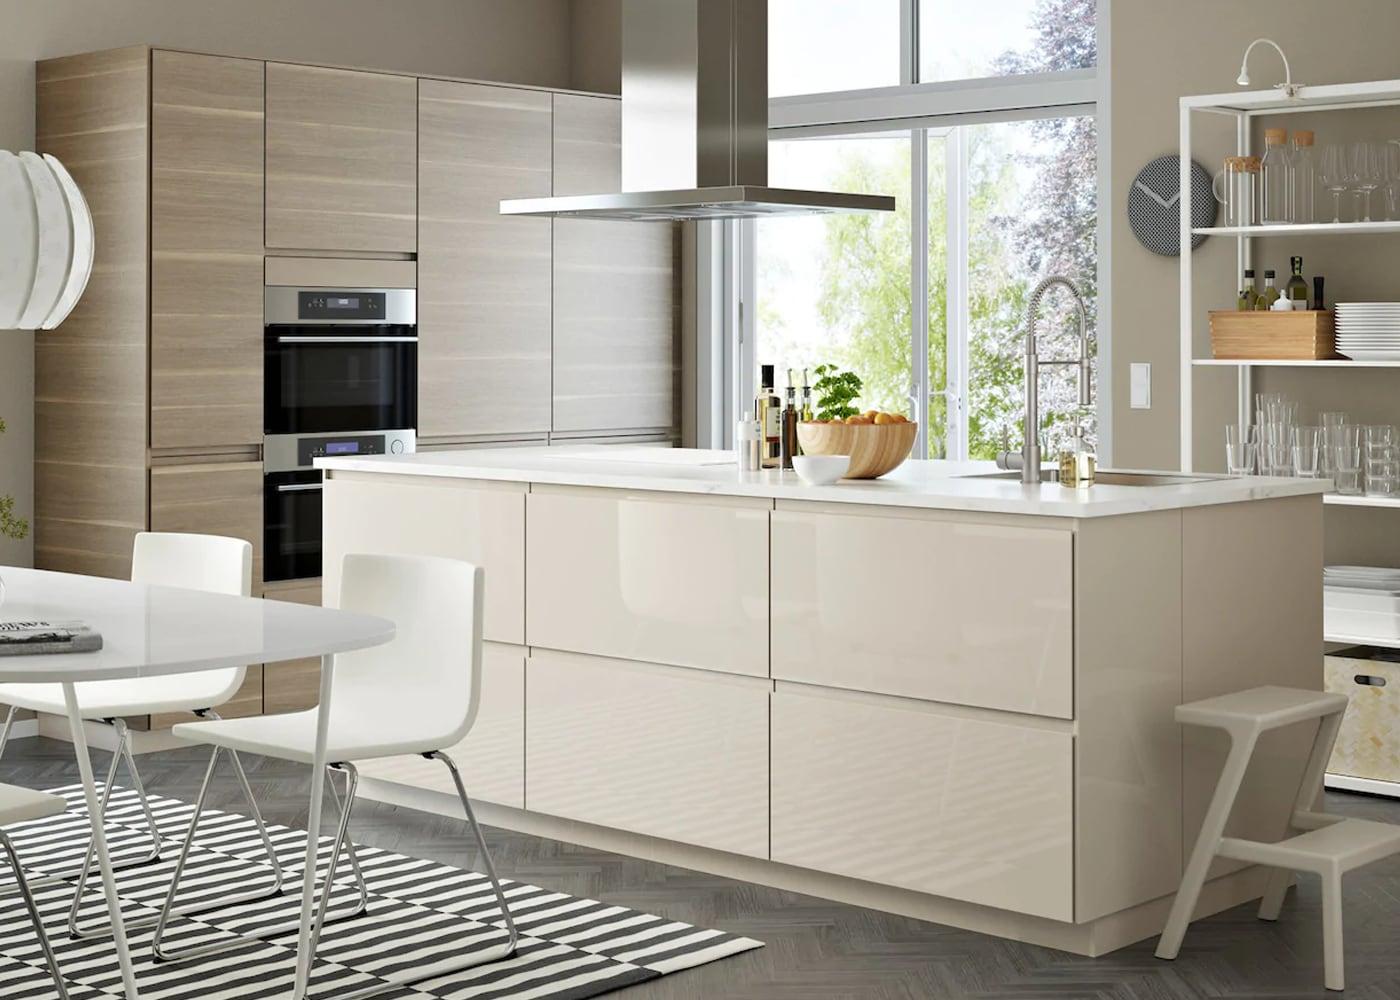 Kochen in einer modernen Oase der Ruhe - IKEA - IKEA®